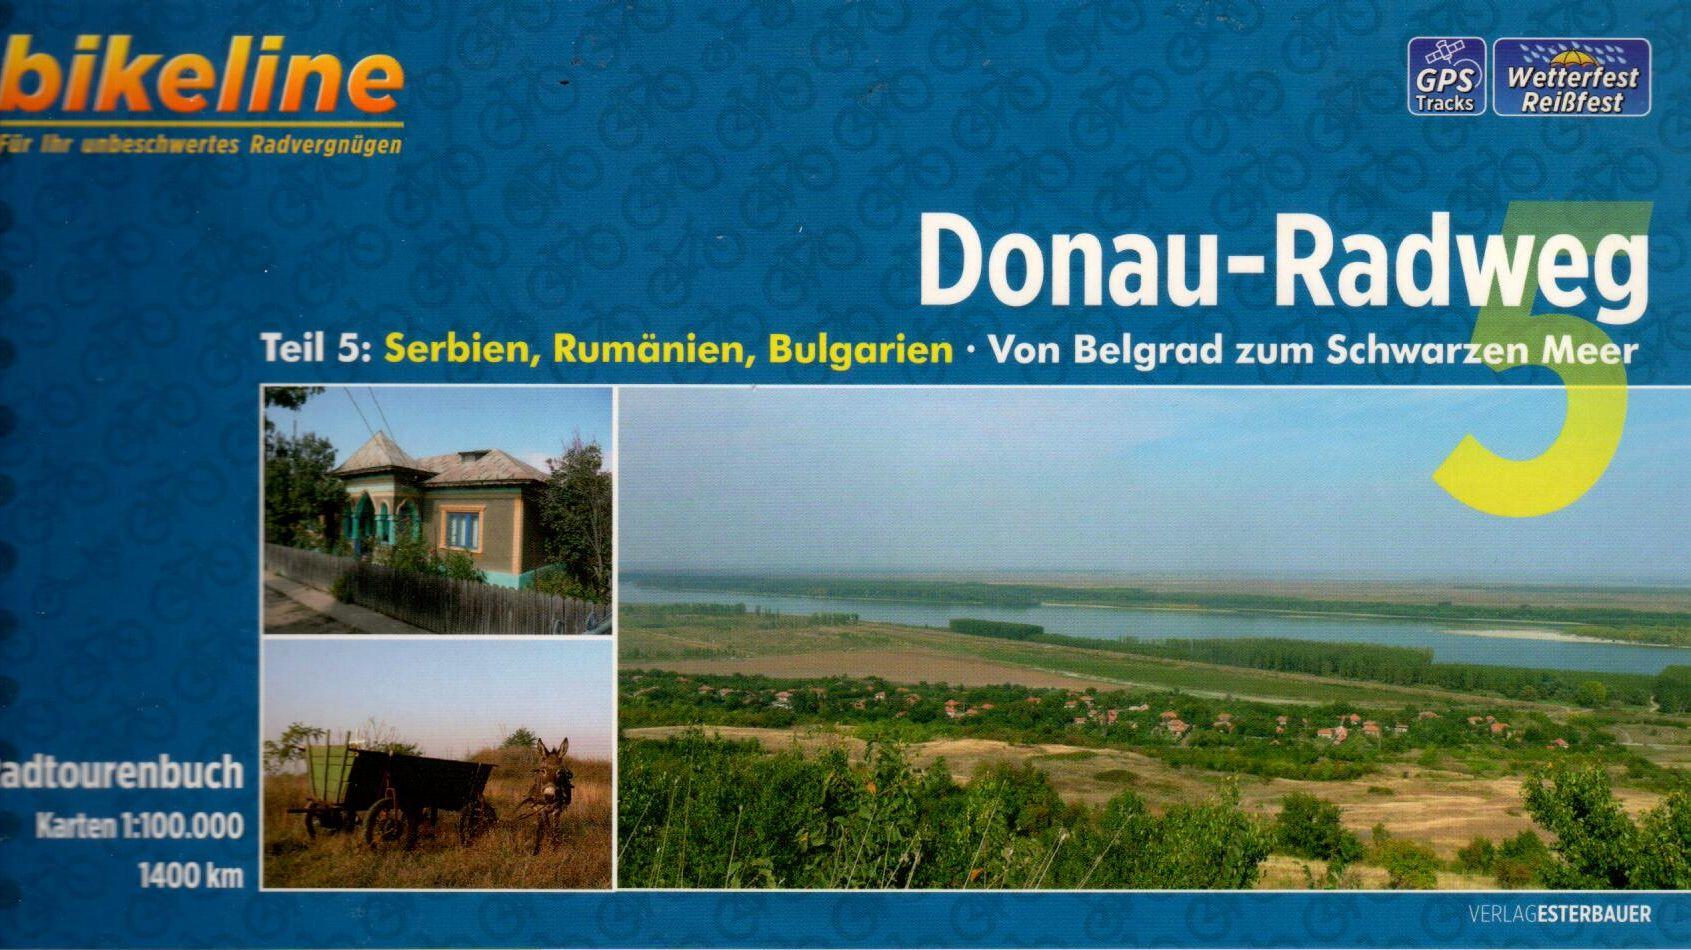 Spirál kötésű, 12 x 23 cm-es német nyelvű térképes utikönyv a Belgrád és a torkolat közötti Duna szakaszról